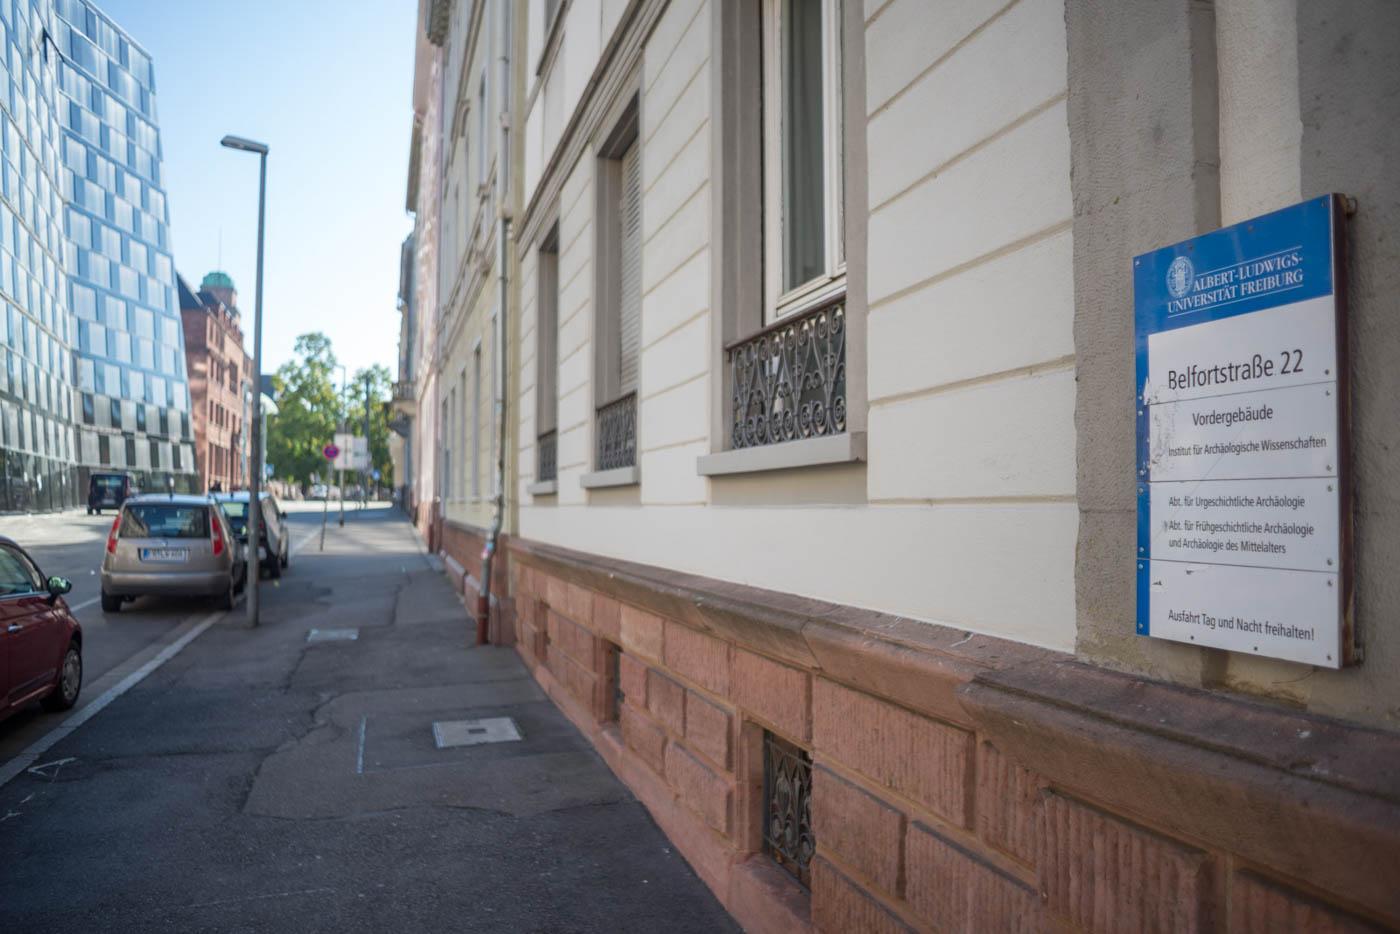 Belfortstraße 22 von außen